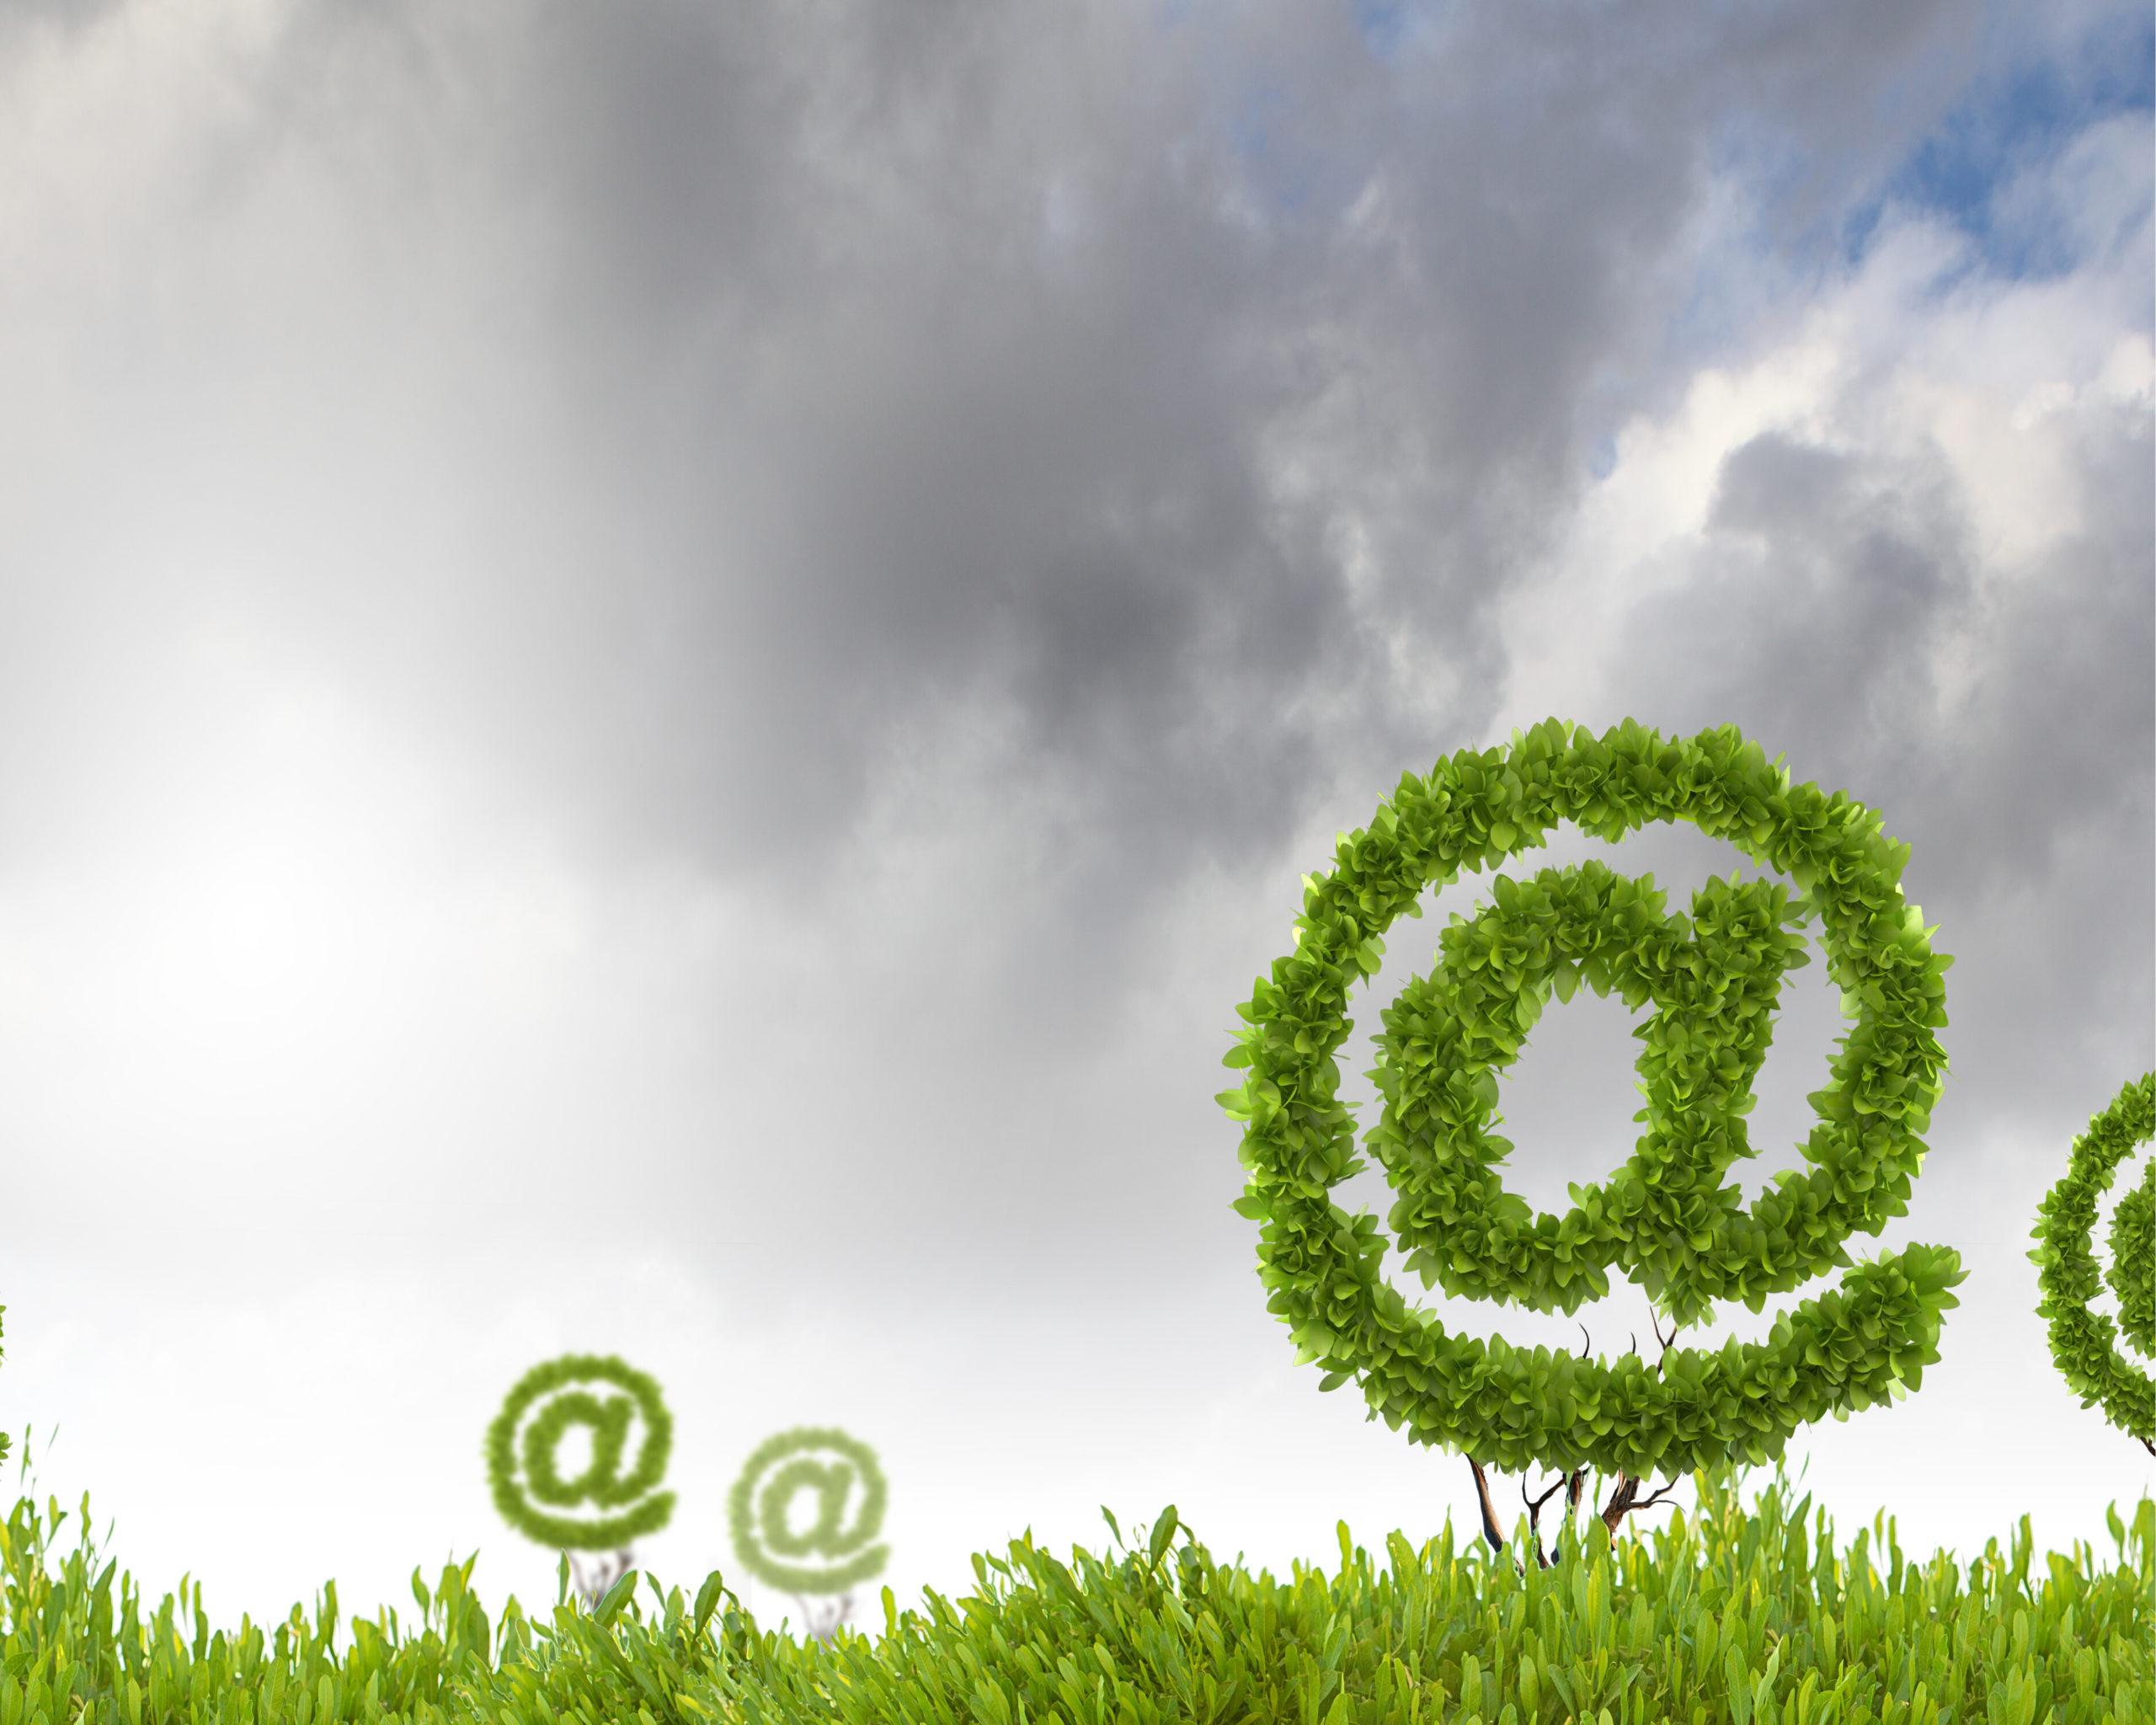 Comment développer un site Internet écologique ?